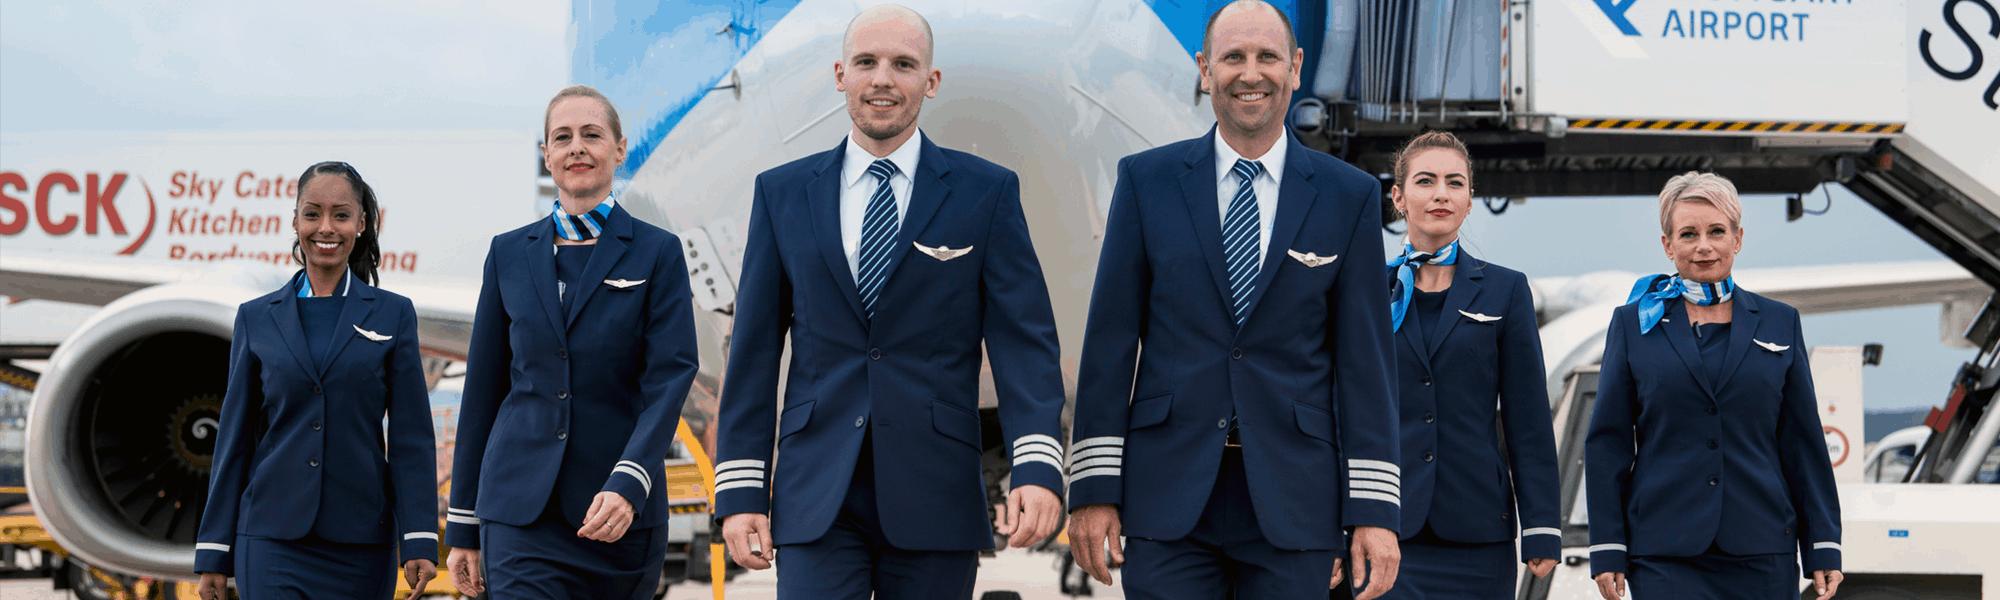 Ausbildung bei TUI fly – Traumjob über den Wolken Teil 3